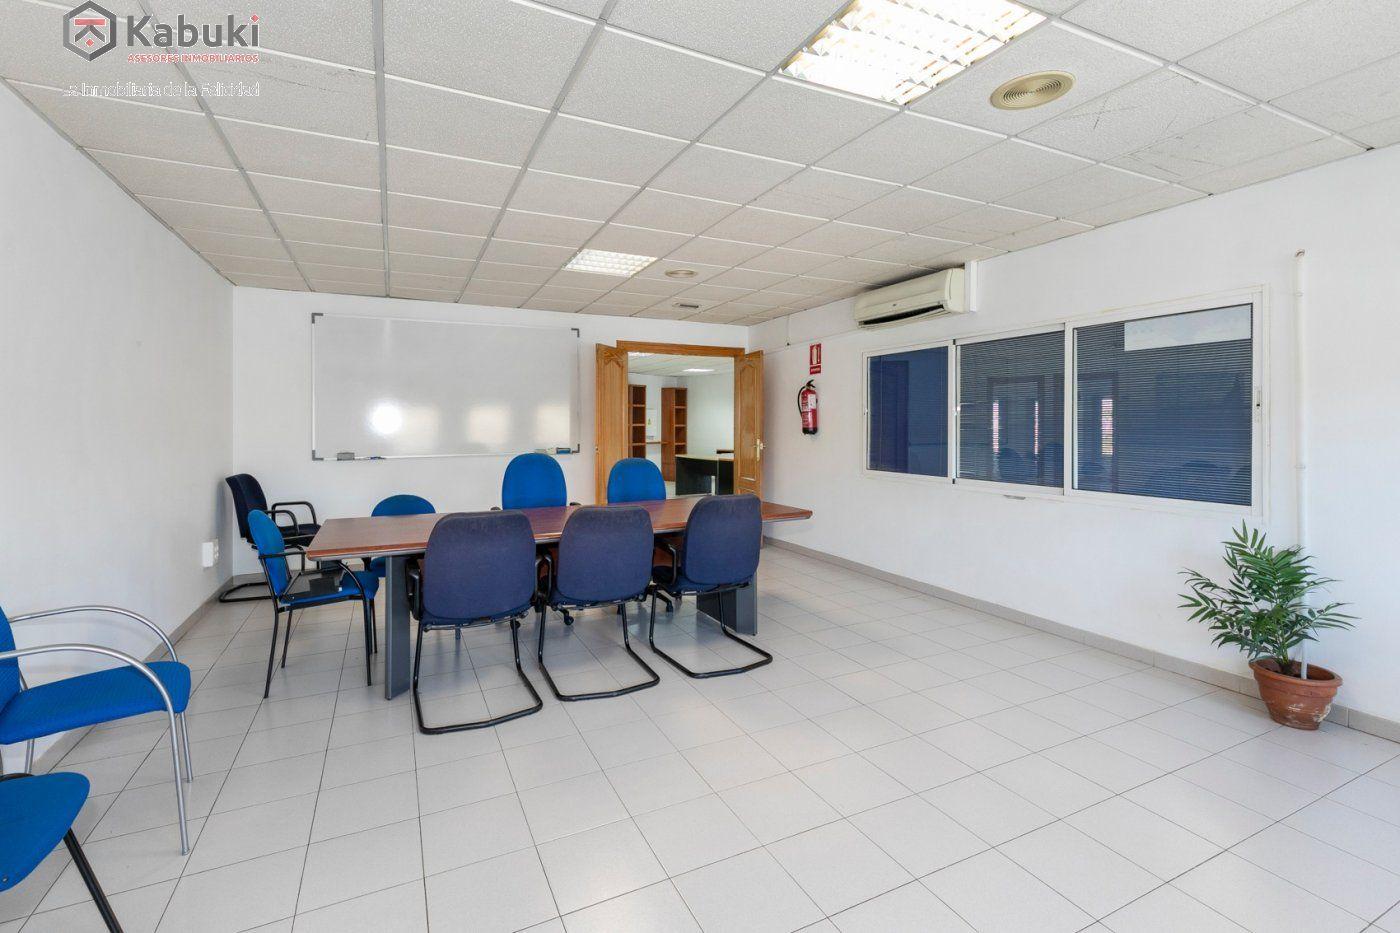 Magnífica oficina luminosa con un inmejorable acceso desde la circunvalación - imagenInmueble6